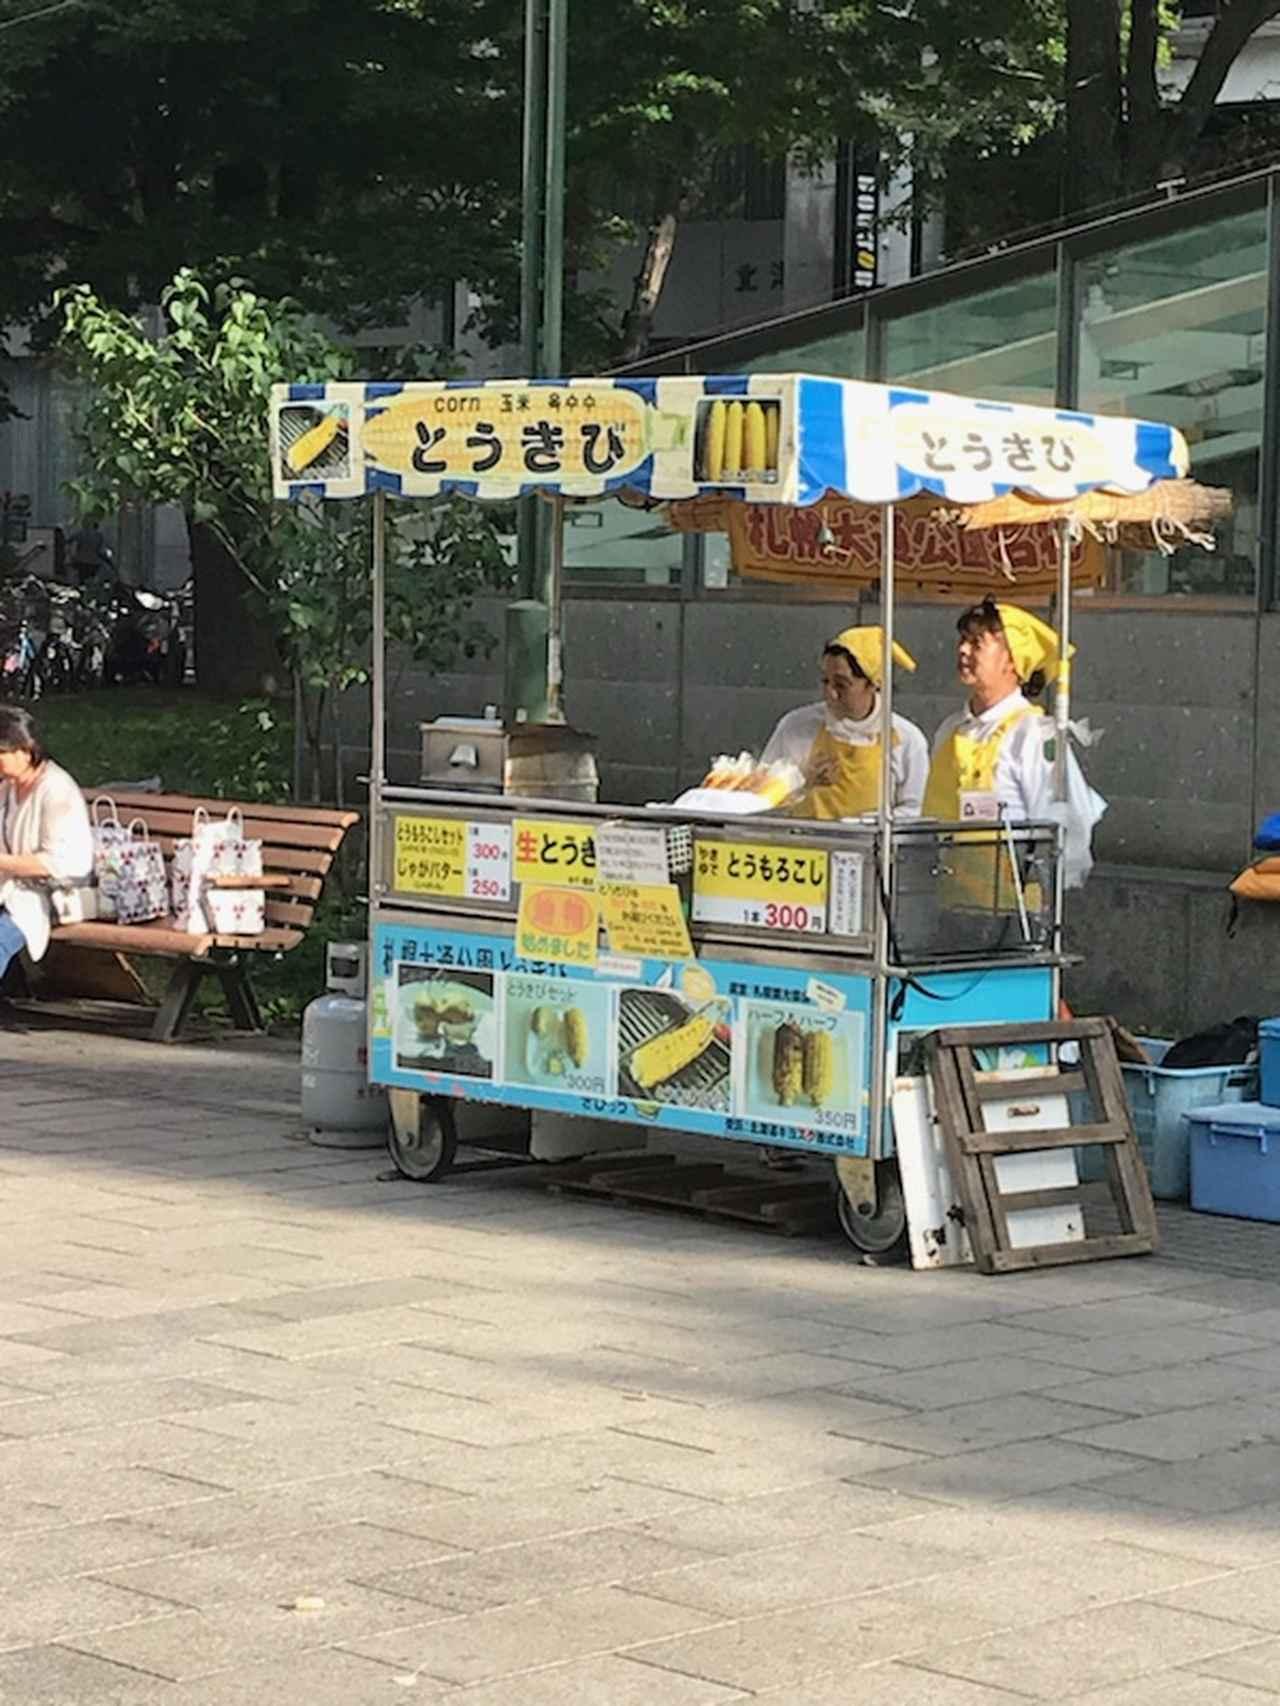 画像: 9月13日 札幌現地スタッフ撮影 札幌大通り公園内 とうきびワゴン